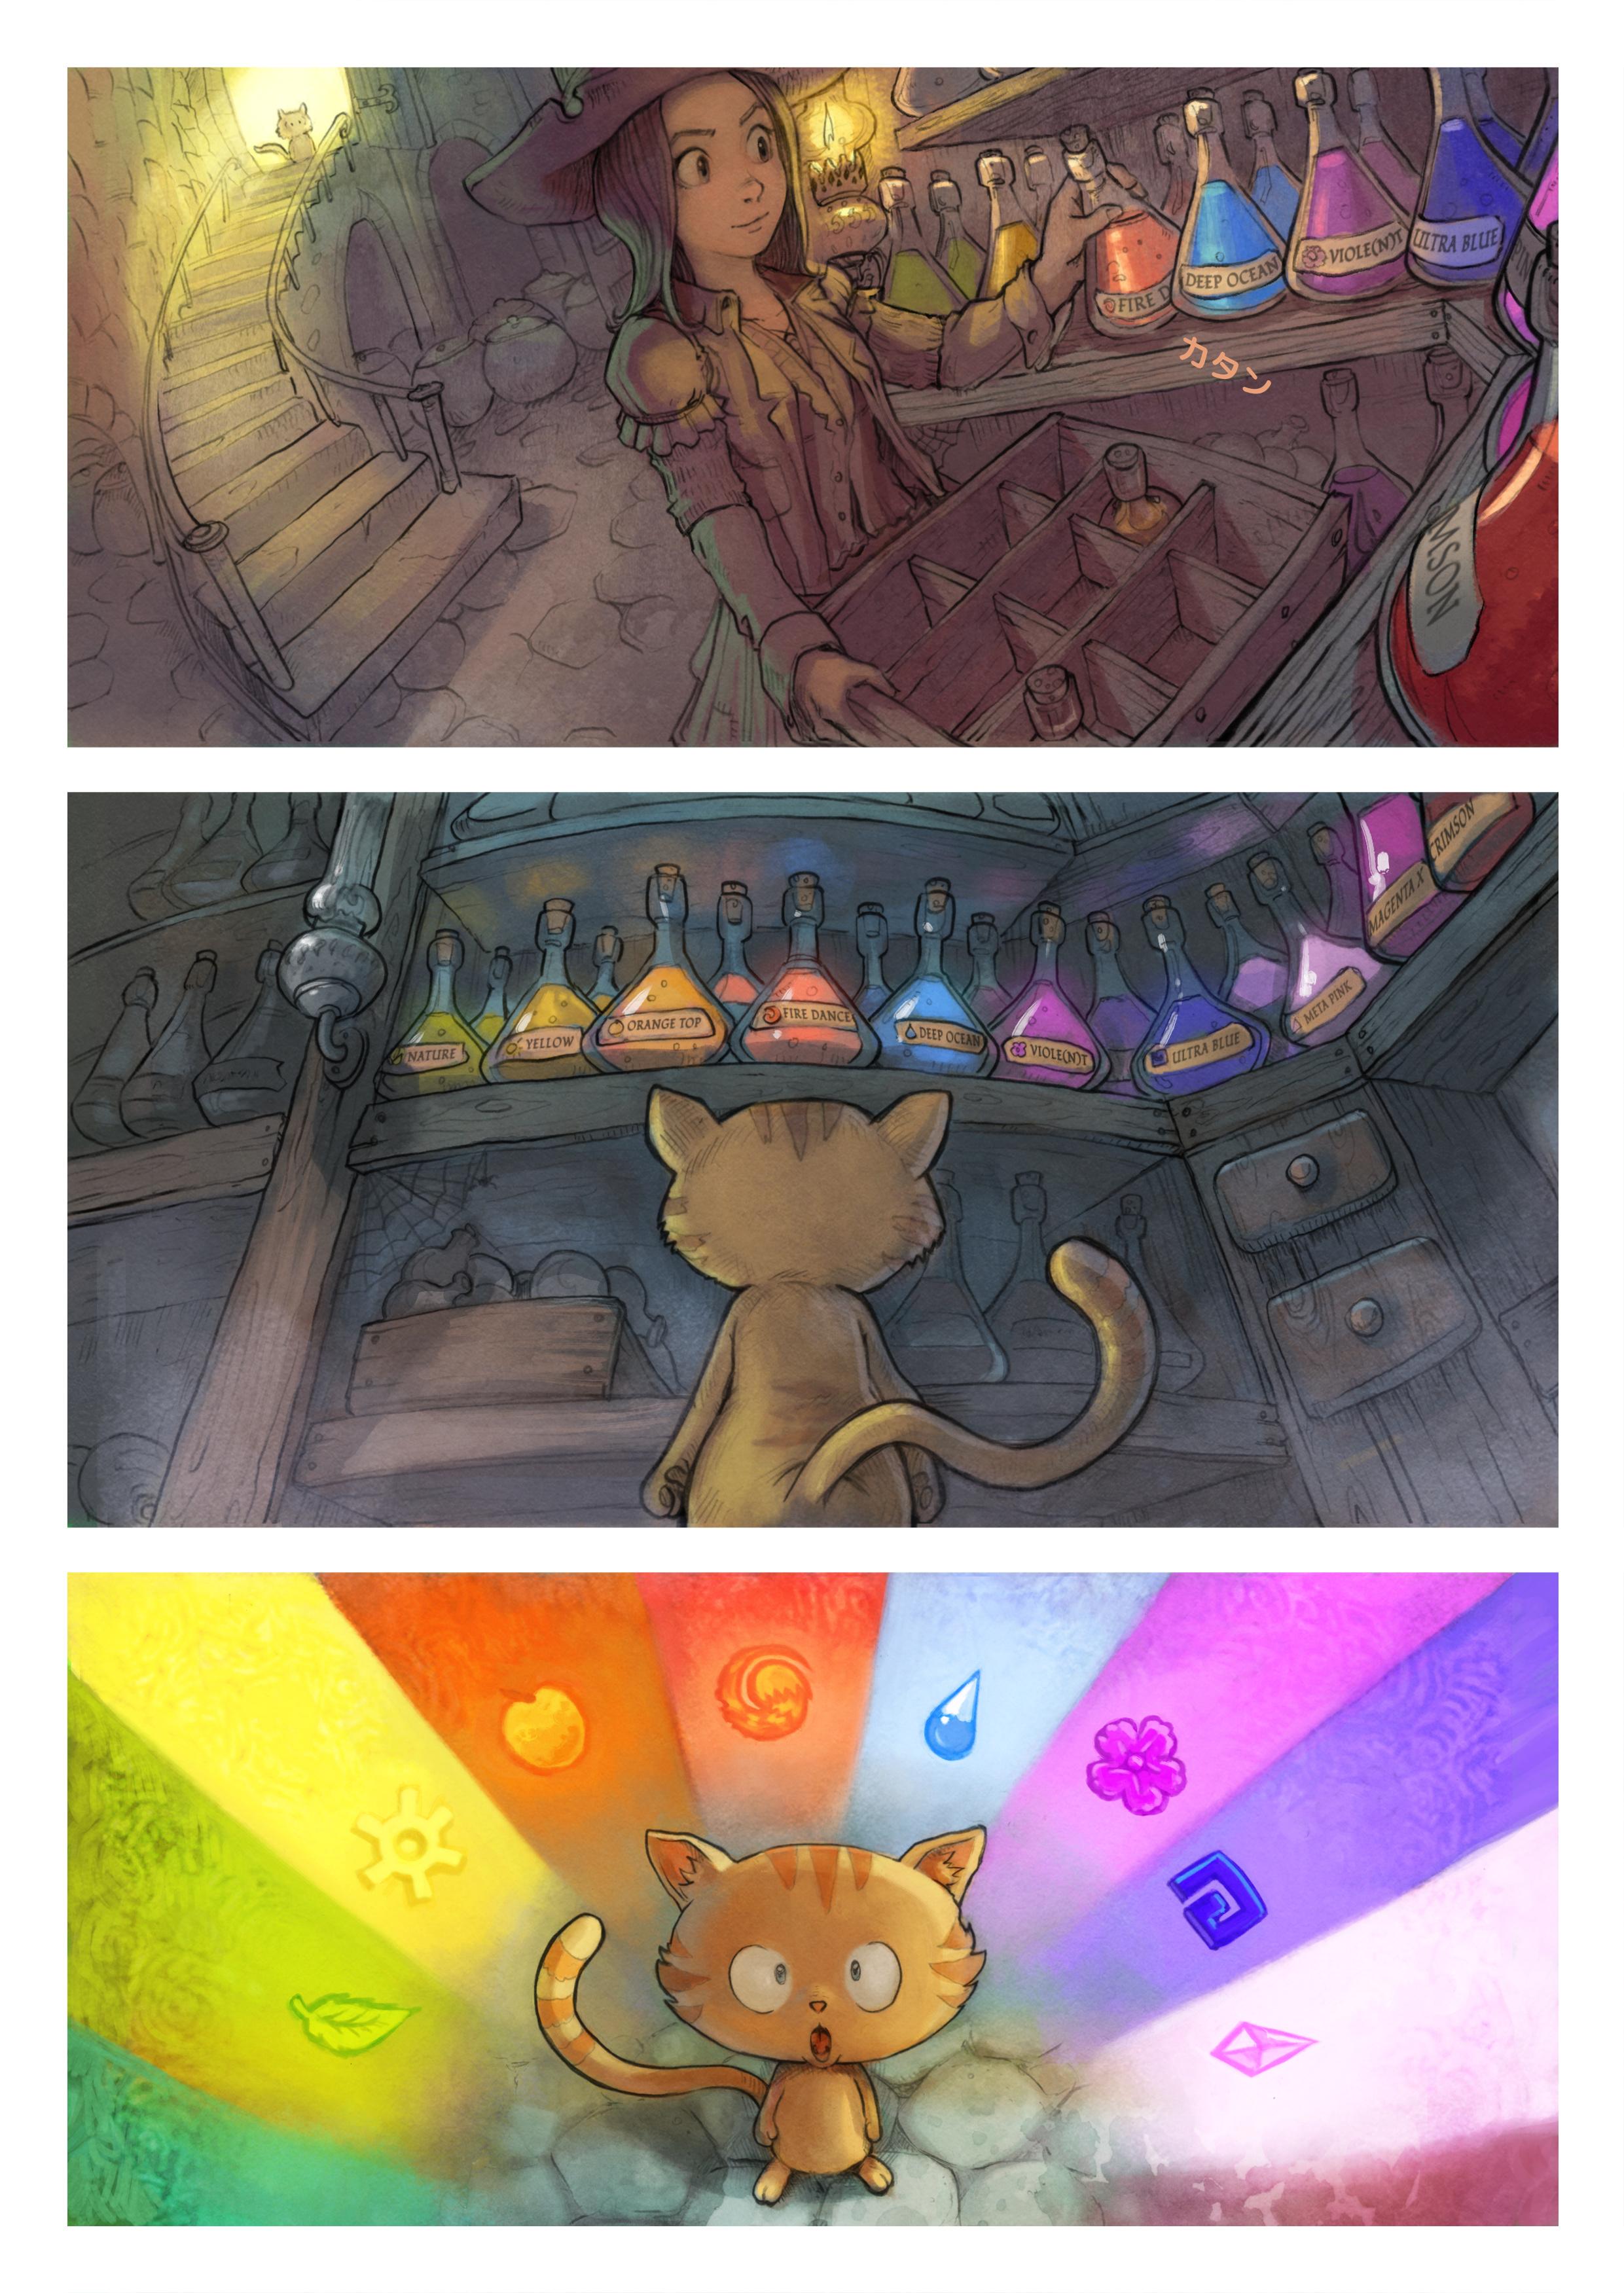 エピソード 2: 虹の薬, ページ 2